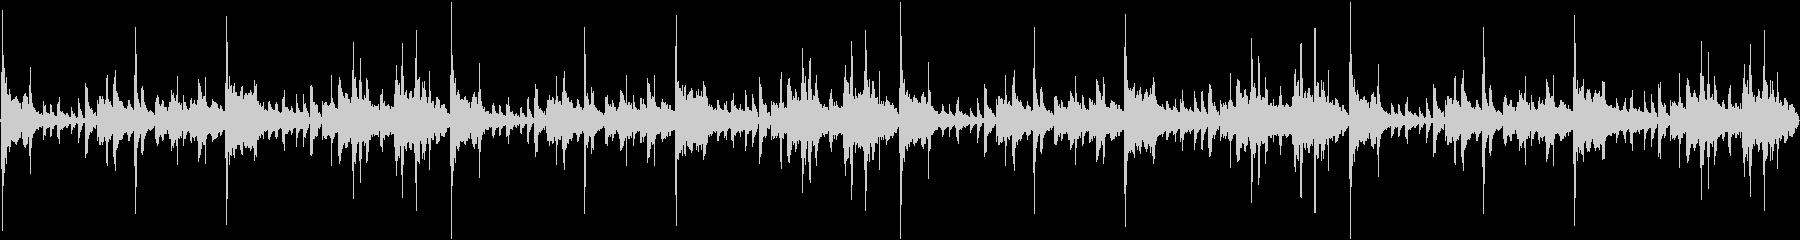 114bpm、Ab-Maj、アラブ調の未再生の波形